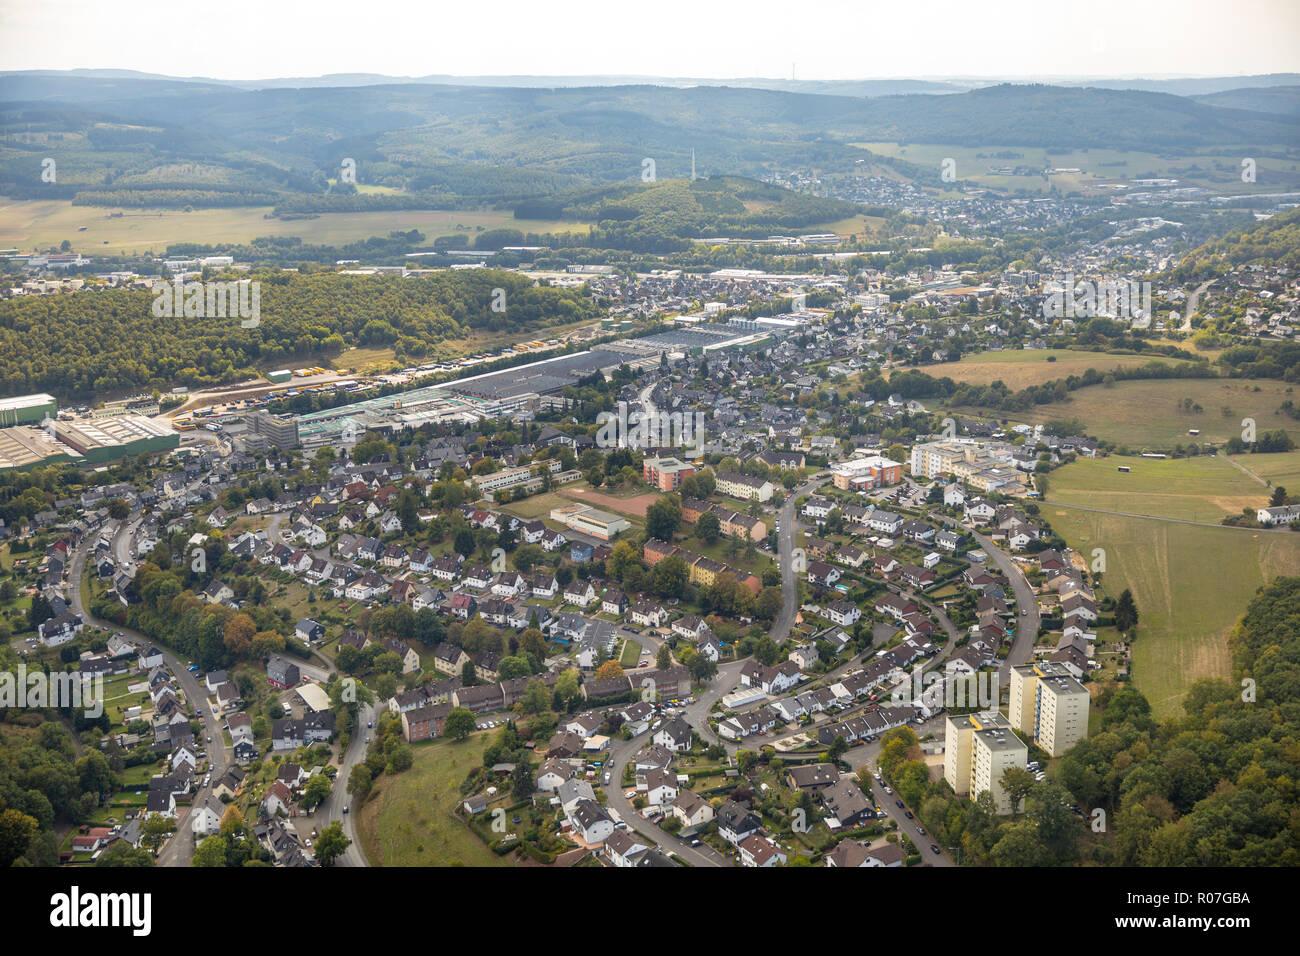 Aerial photograph, overview of Neunkirchen, SSI SCHAEFER - Fritz Schäfer GmbH, Salchendorf, Neunkirchen, Siegerland, Siegen-Wittgenstein, North Rhine- - Stock Image